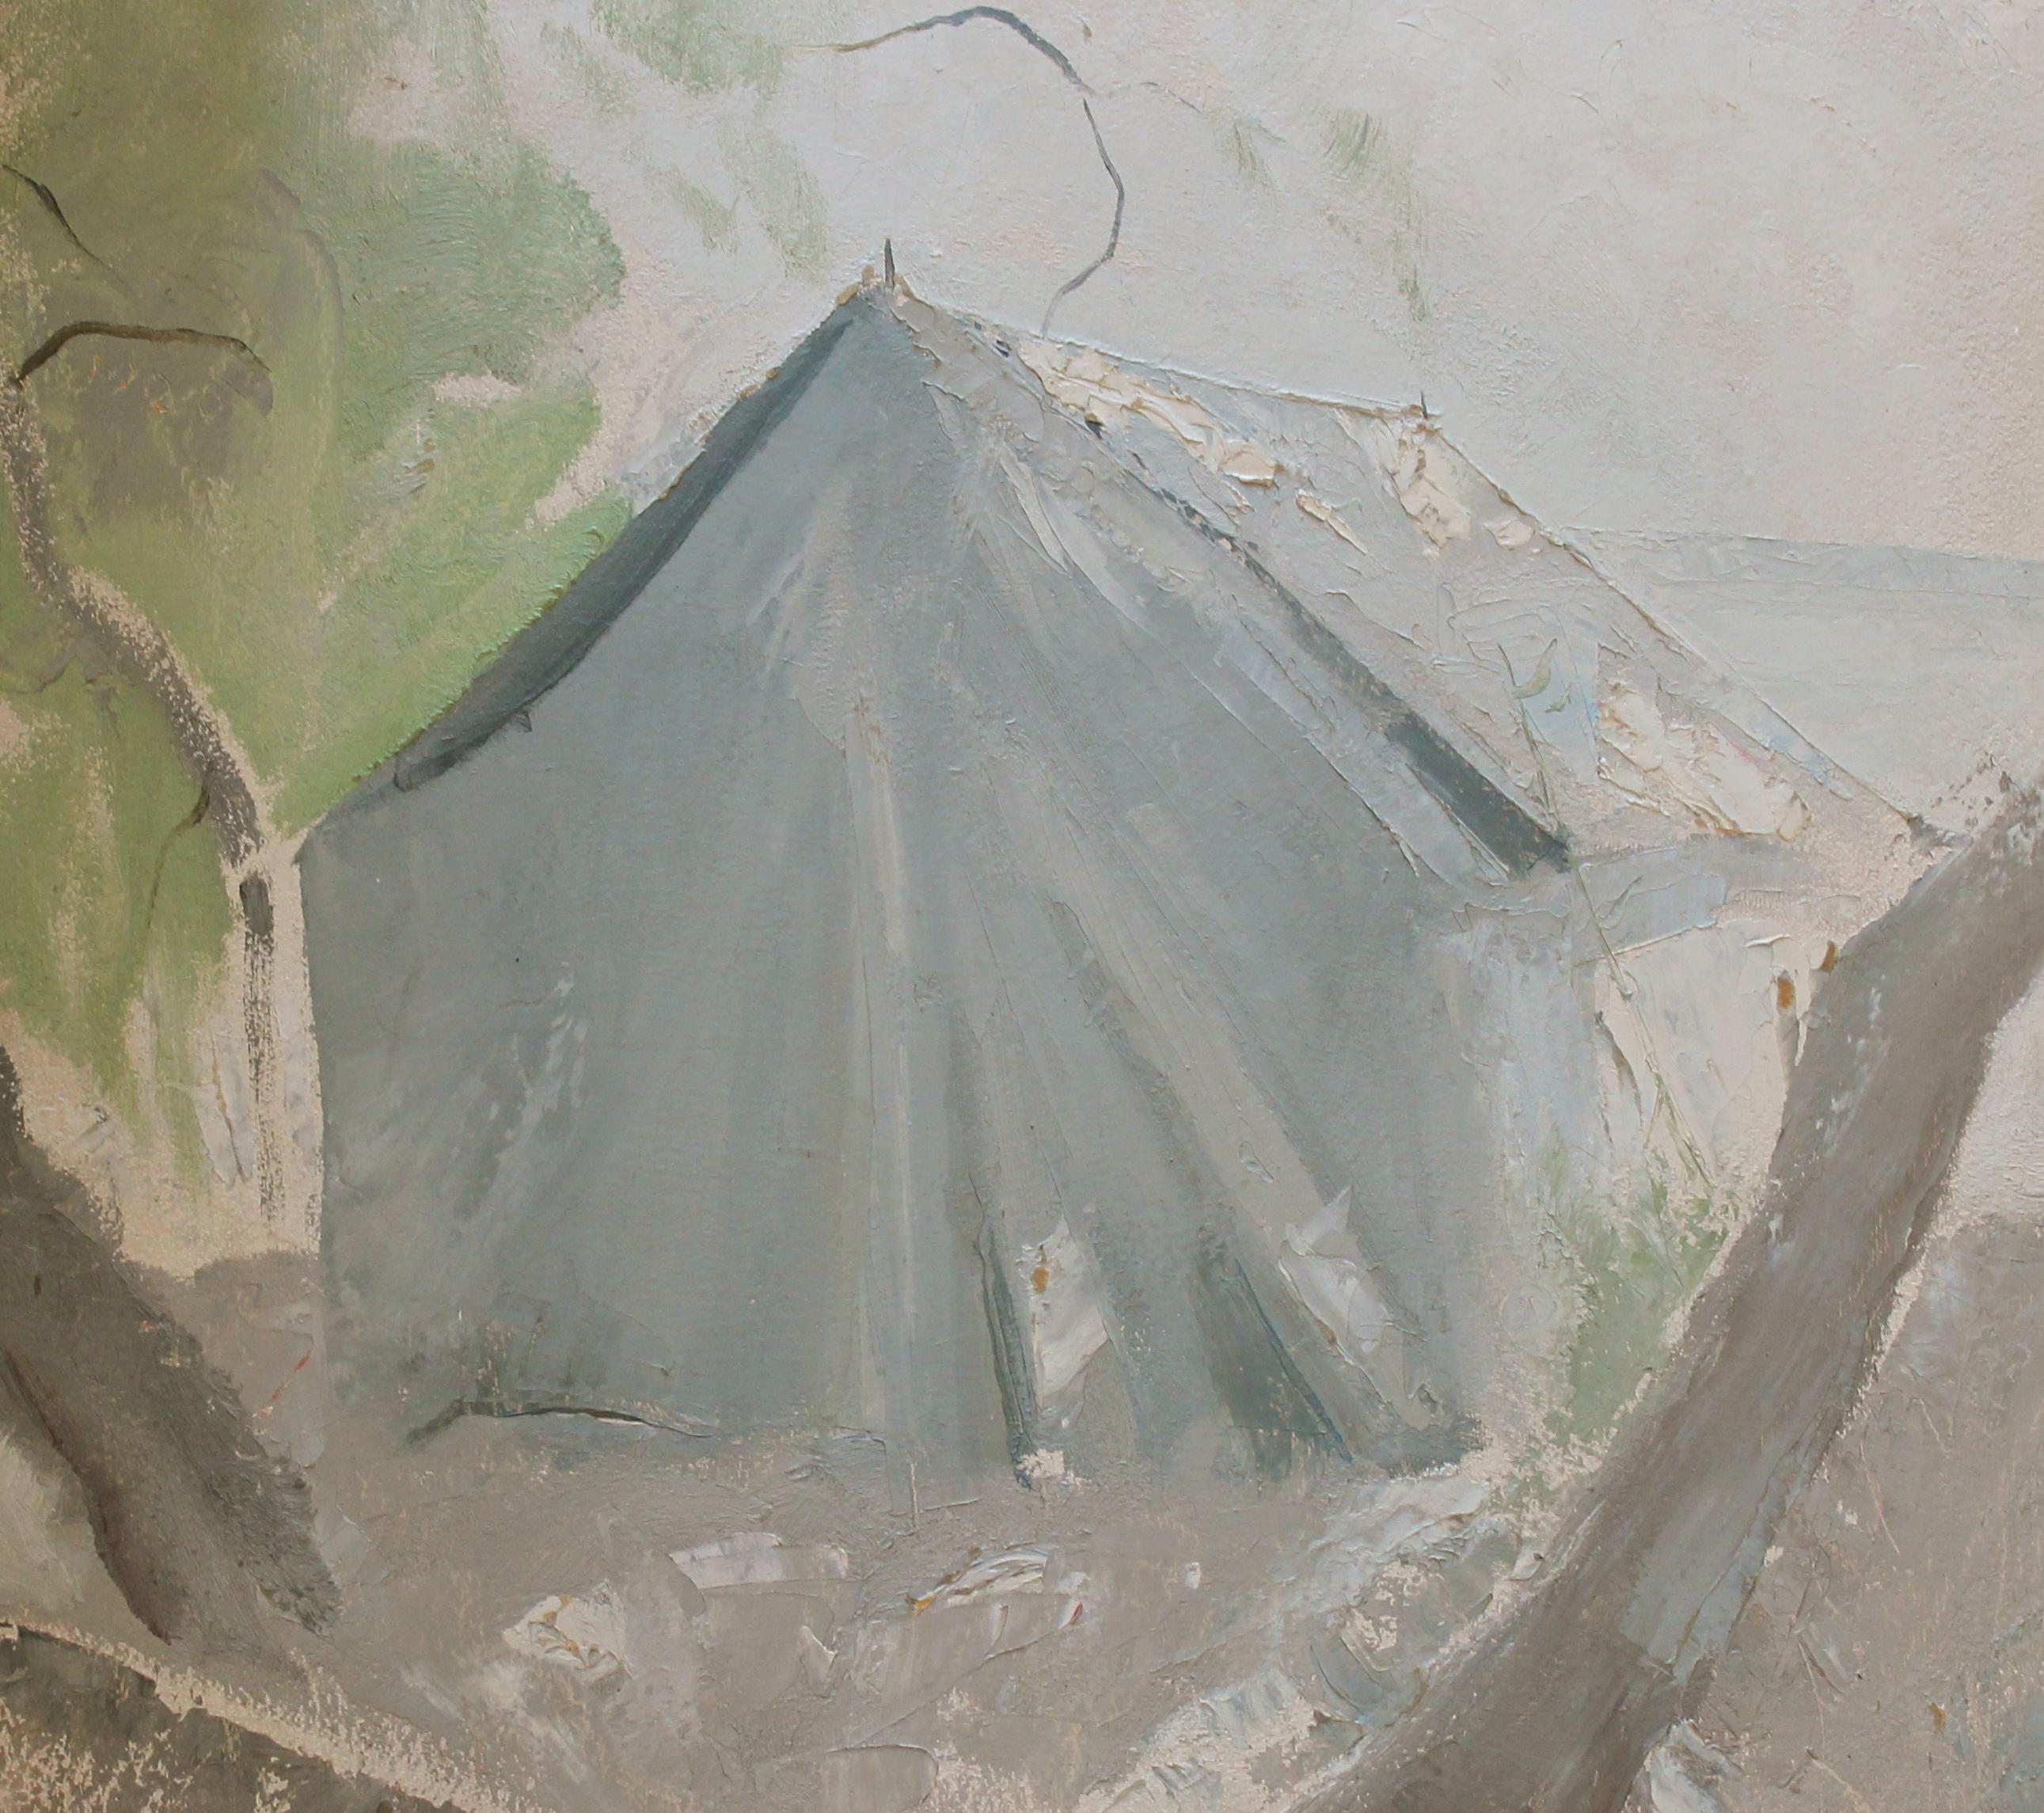 'Tent'